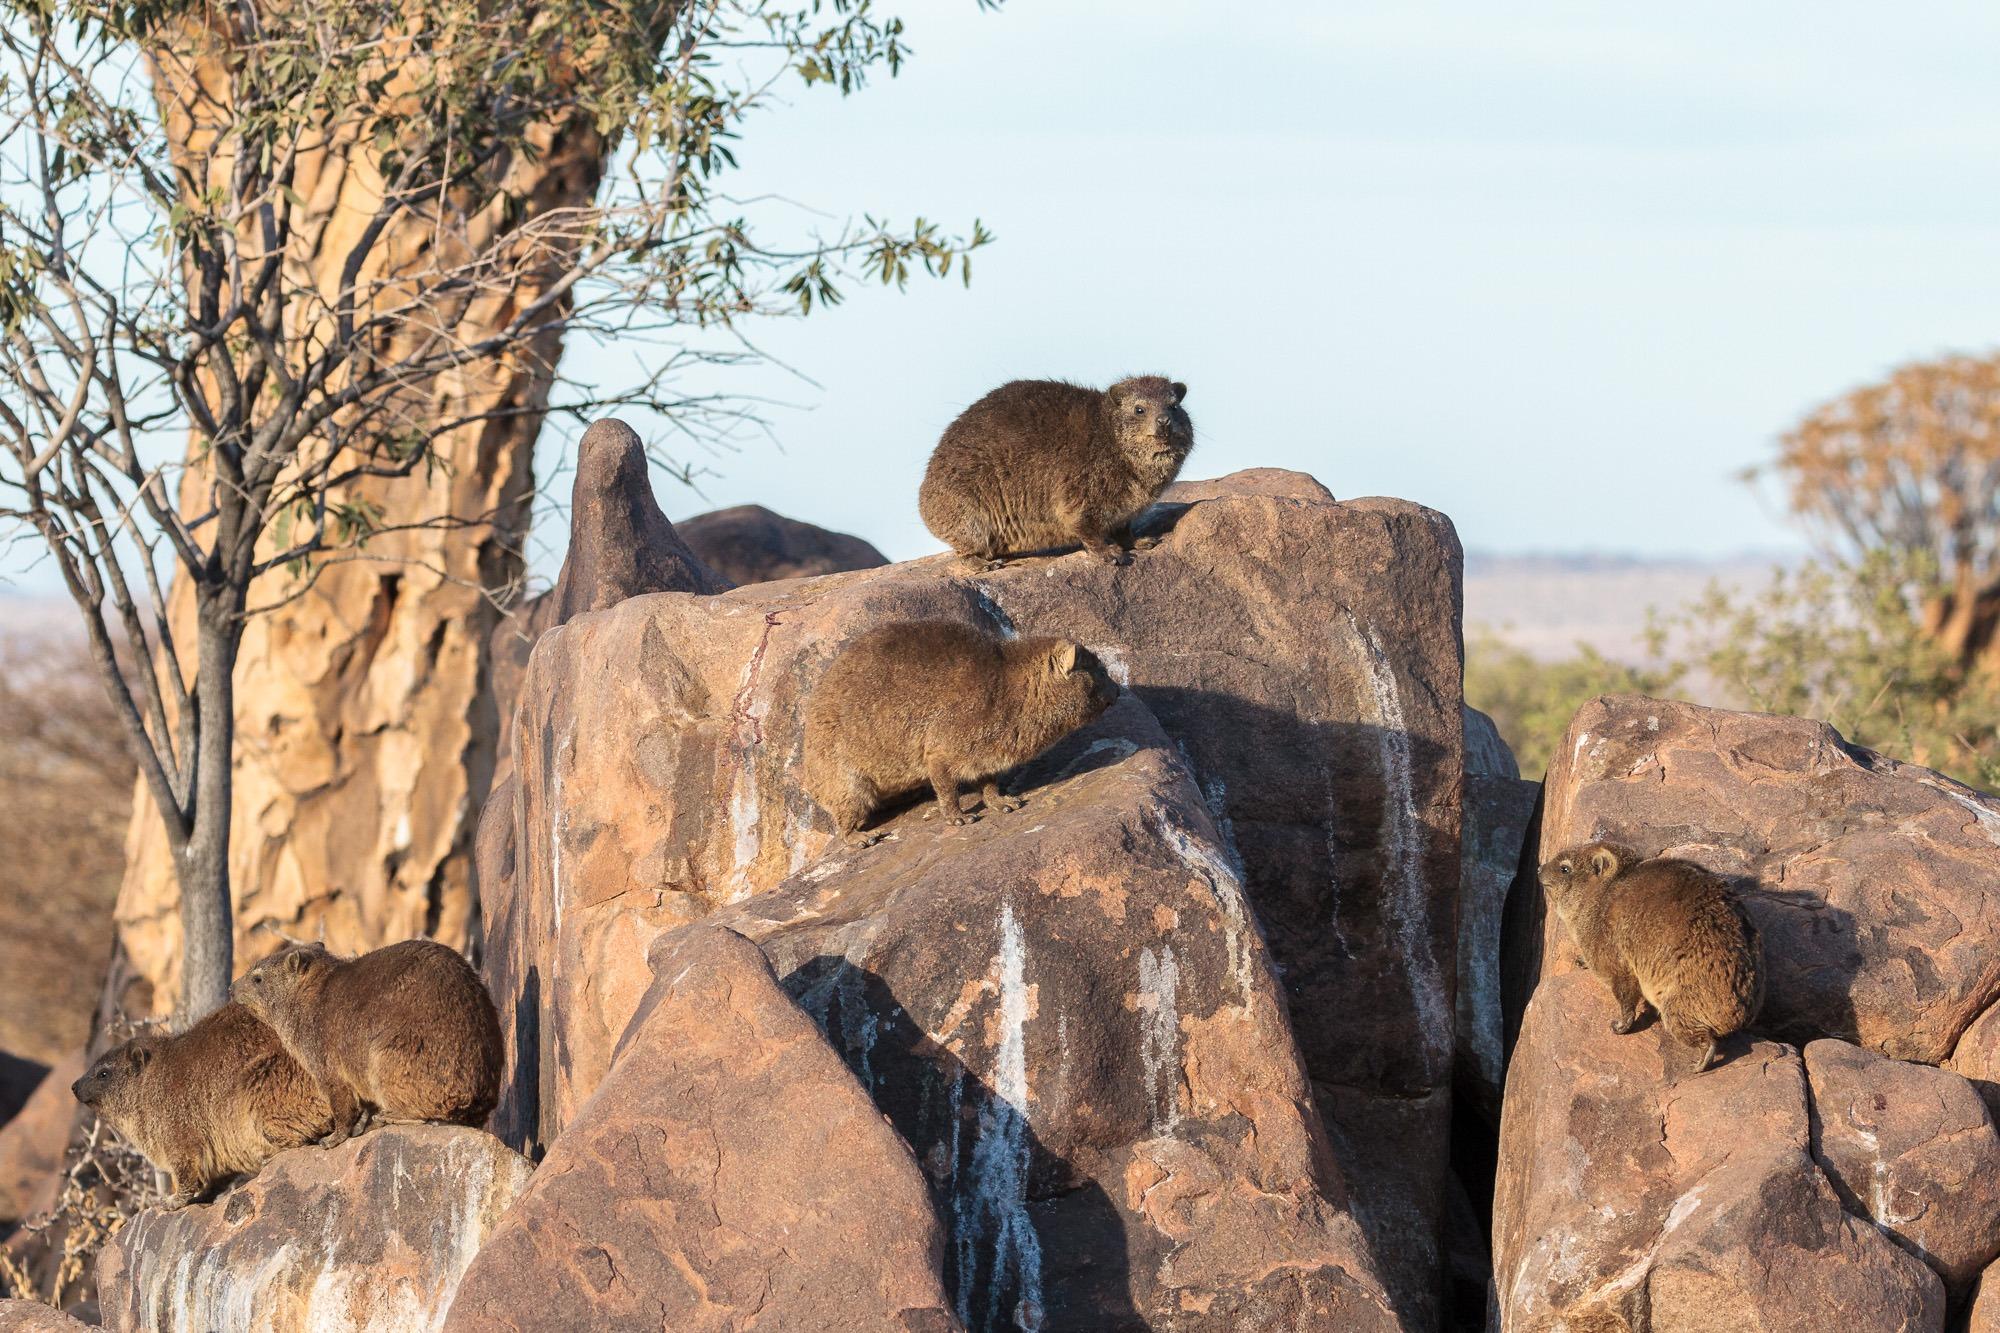 Klippschliefer im Köcherbaumwald in Namibia